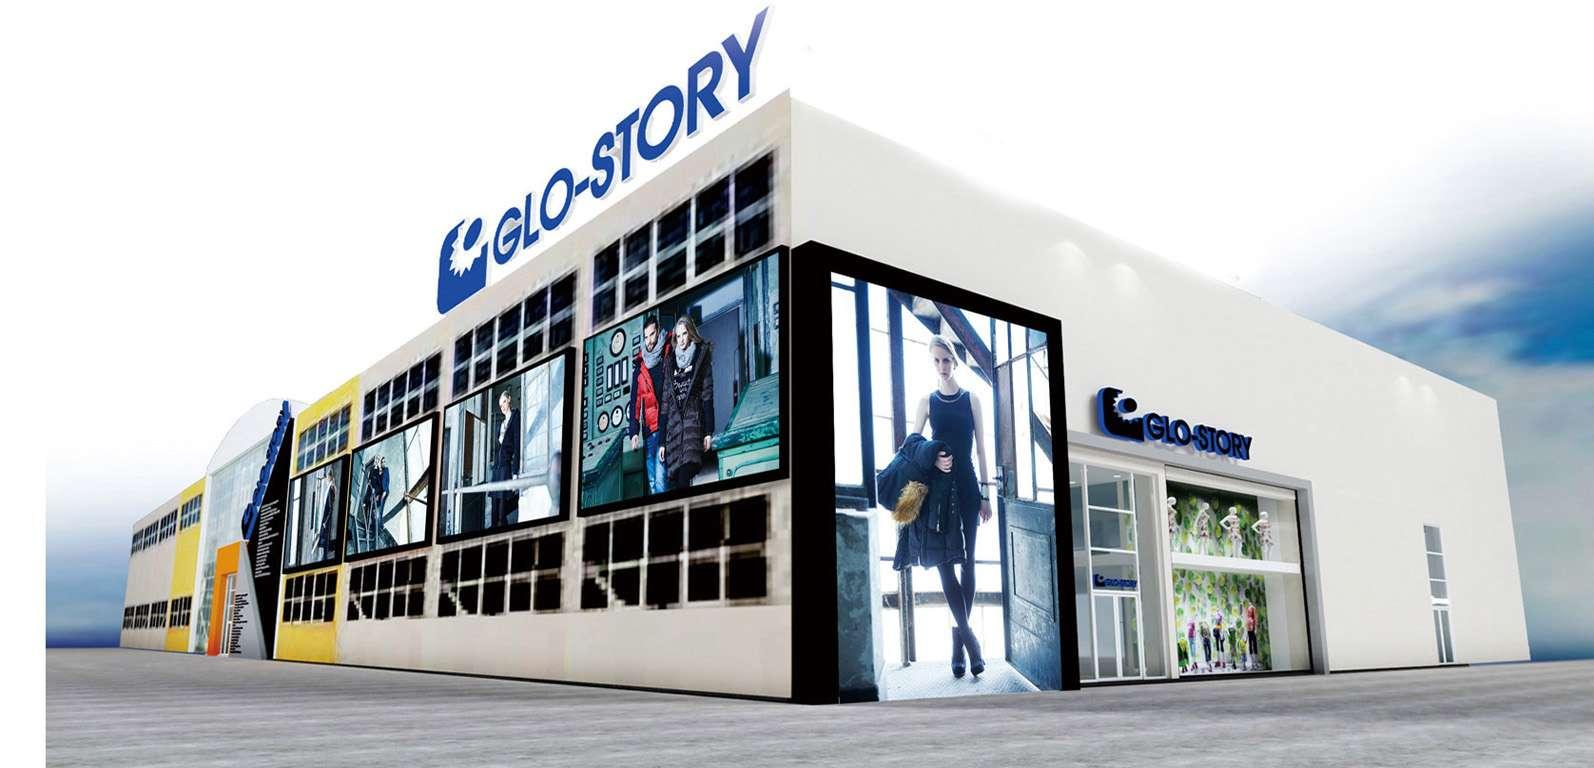 glo-story hurtownia